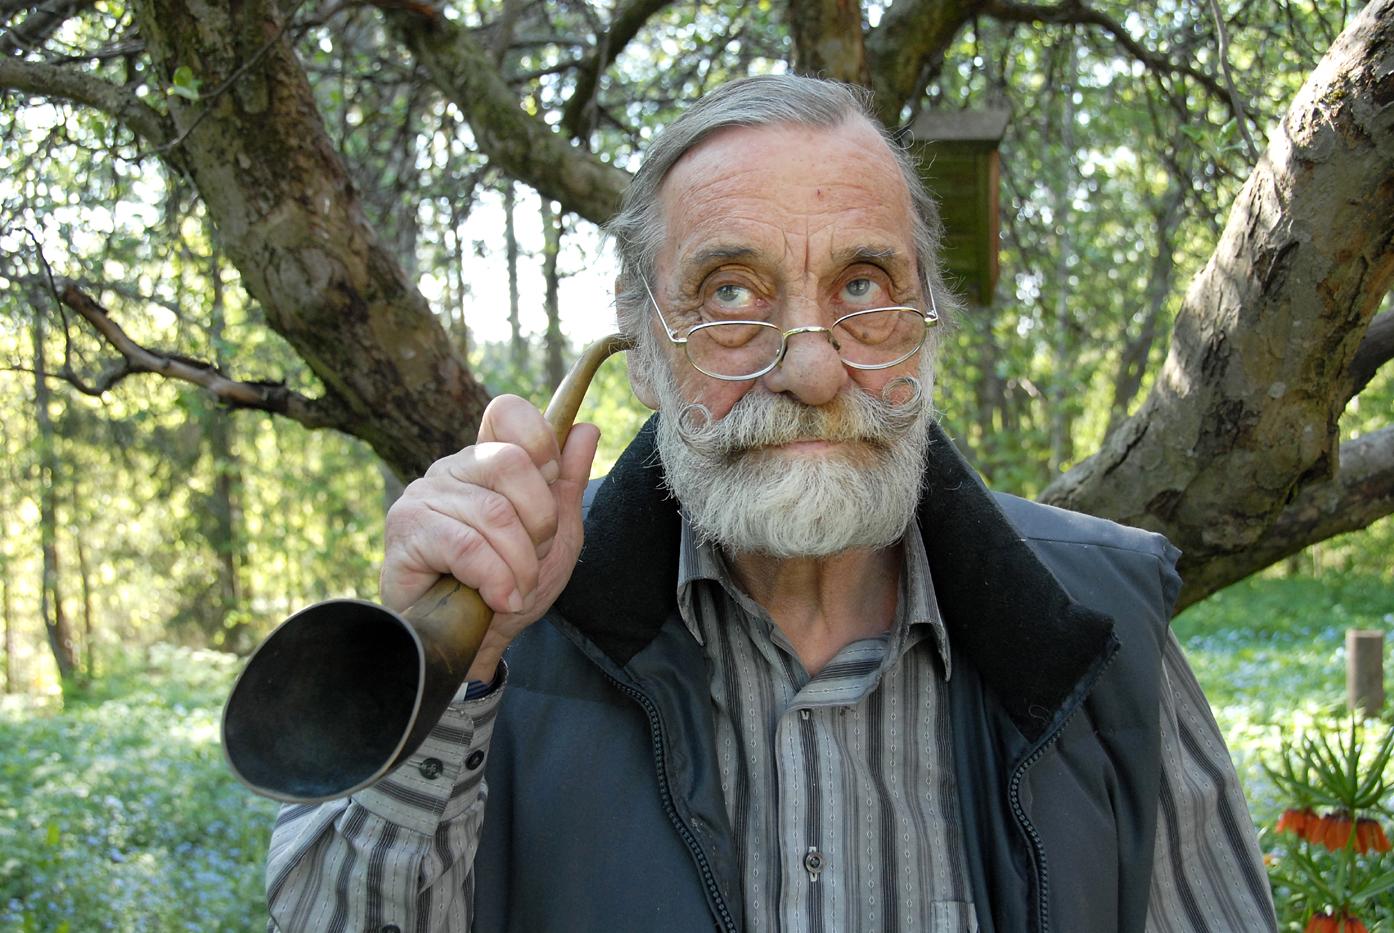 Sture Wärlinder lyssnar aktivt efter ljuden från förr, som han menar representerar en bortglömd del av vår kulturhistoria. FOTO: OLLE ANDERSTAM